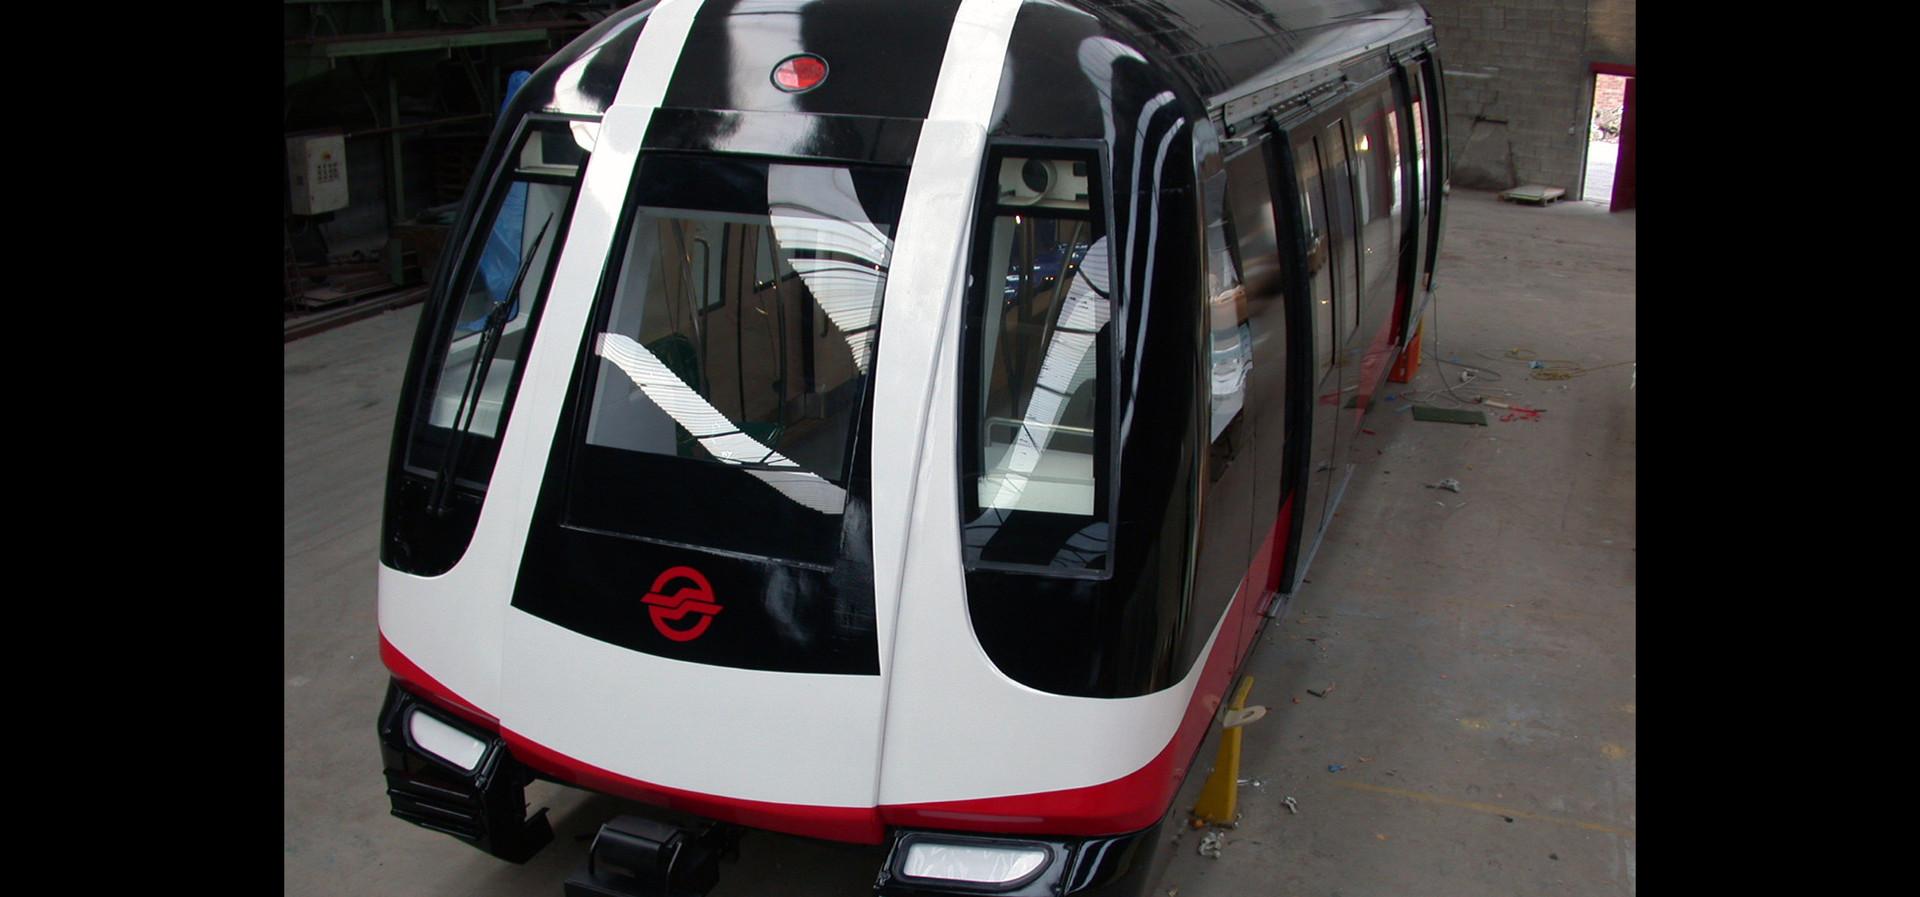 Singapore Metro, 2002